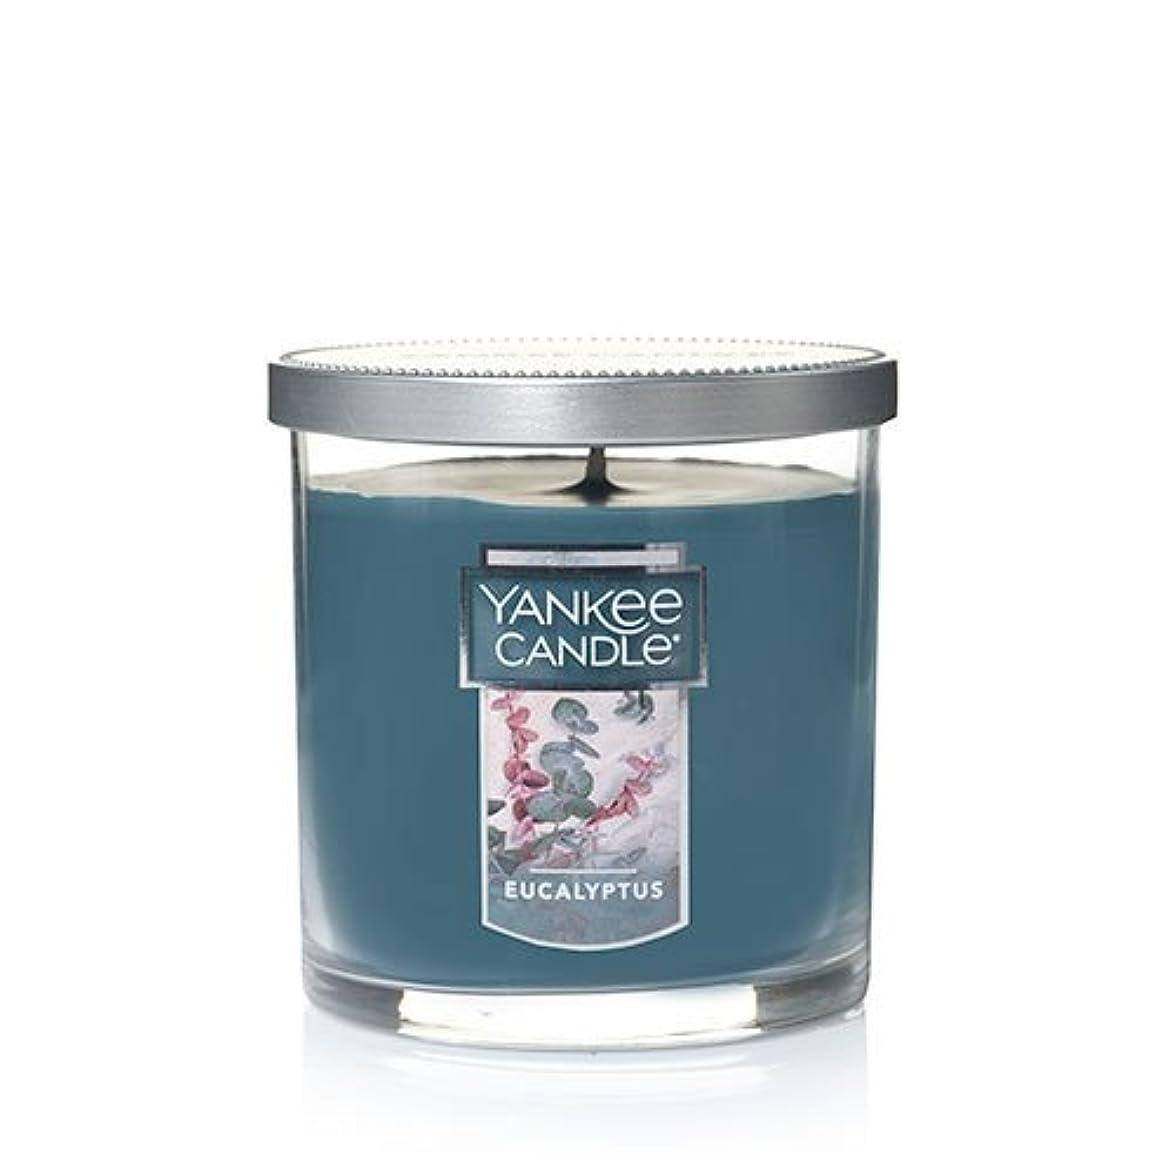 魔術師ぐったり正確さYankee Candleユーカリ、新鮮な香り Small Single Wick Tumbler Candle グリーン 1185969Z